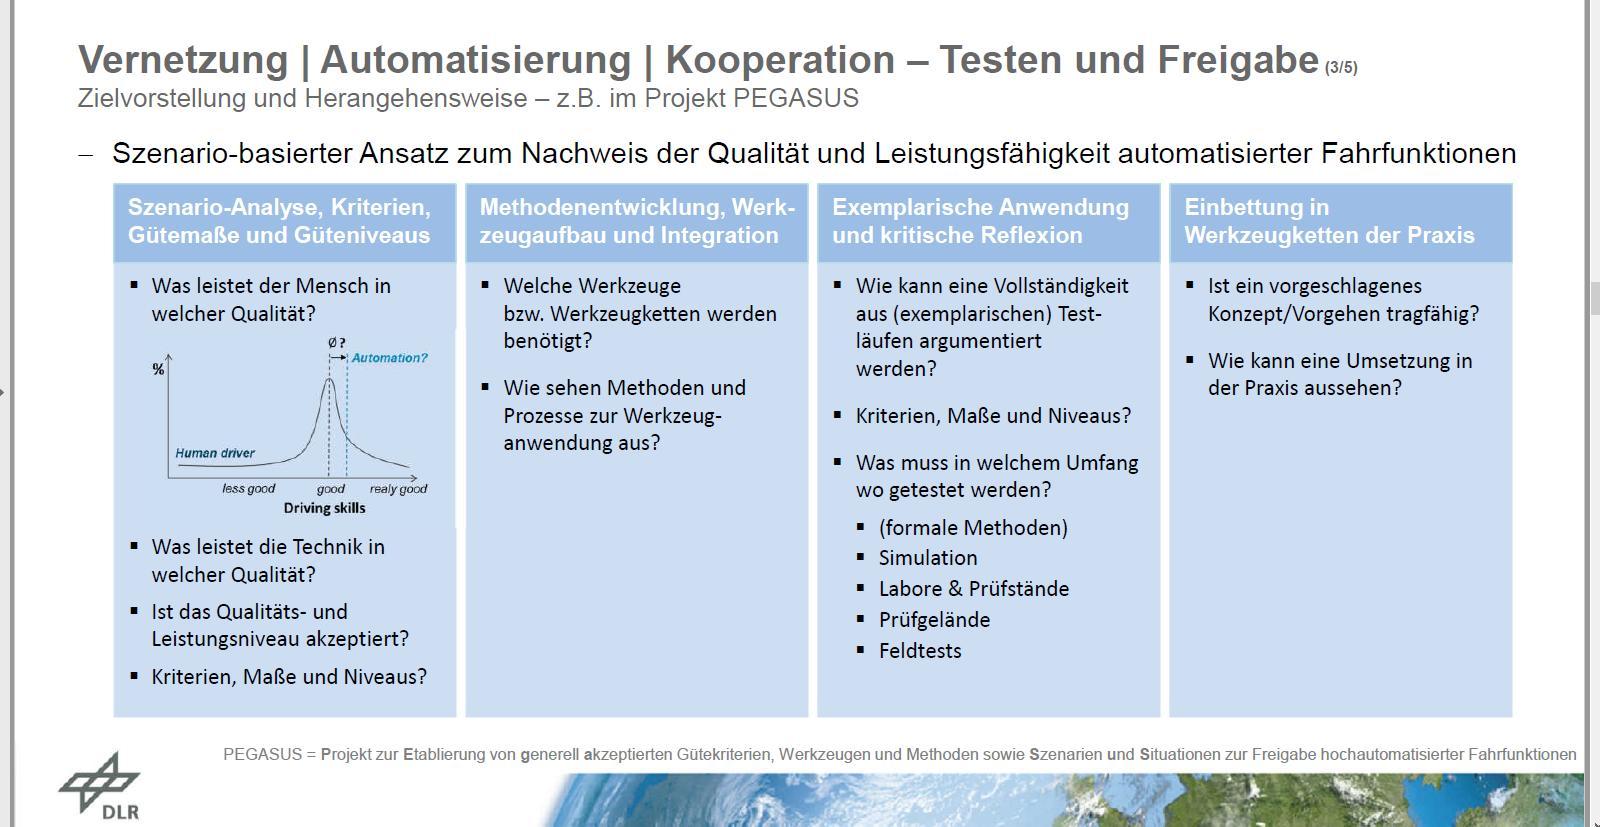 Zulassung autonomer Autos: Die längste Fahrprüfung des Universums - Die Herangehensweise beim Projekt Pegasus zum szenariobasierten Testen. (Grafik: DLR)